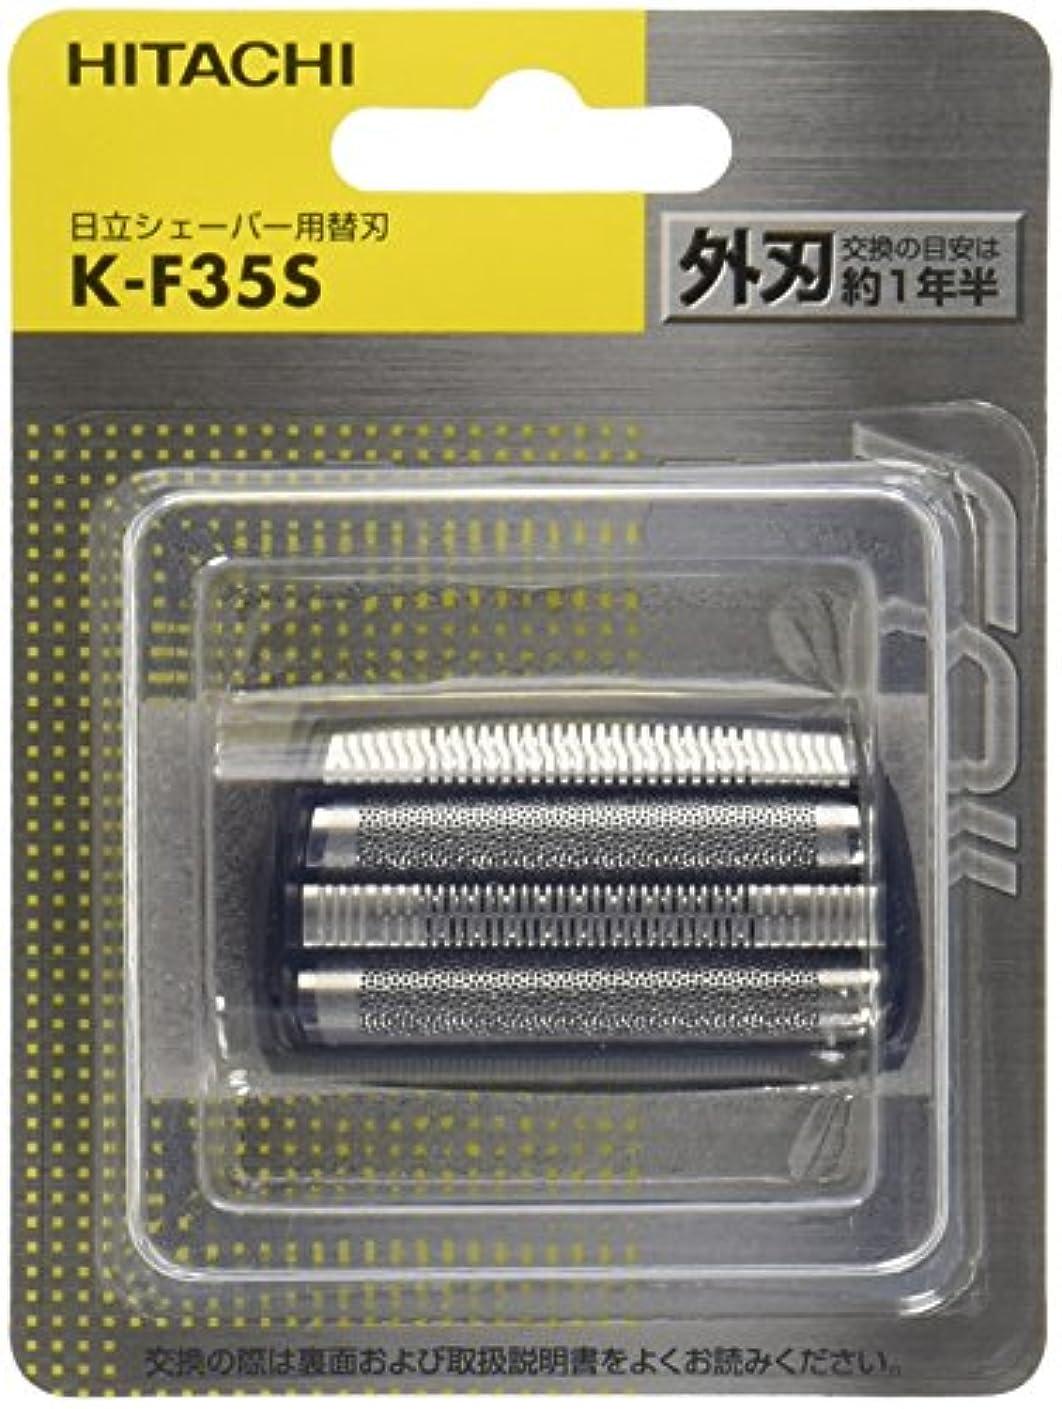 おとなしい外交薄める日立 替刃 外刃 K-F35S